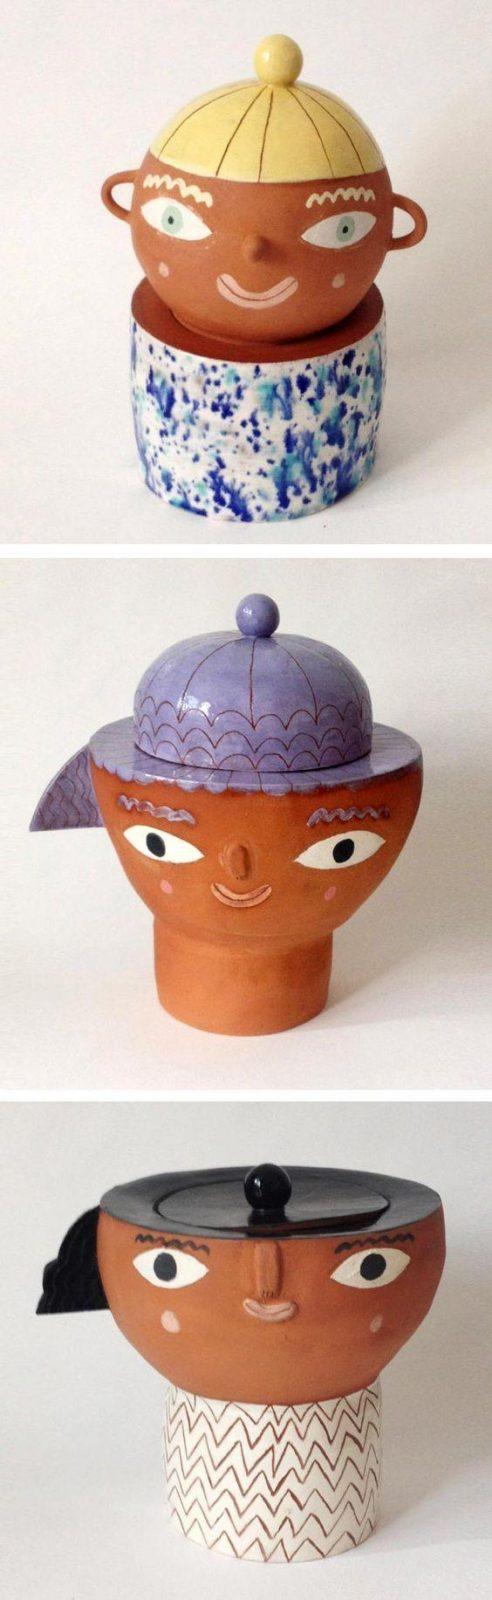 Pinterest Pinner Interview No. 11/16: Sara von Brown Paper Bag Laura Bird's haired jars | Pinspiration